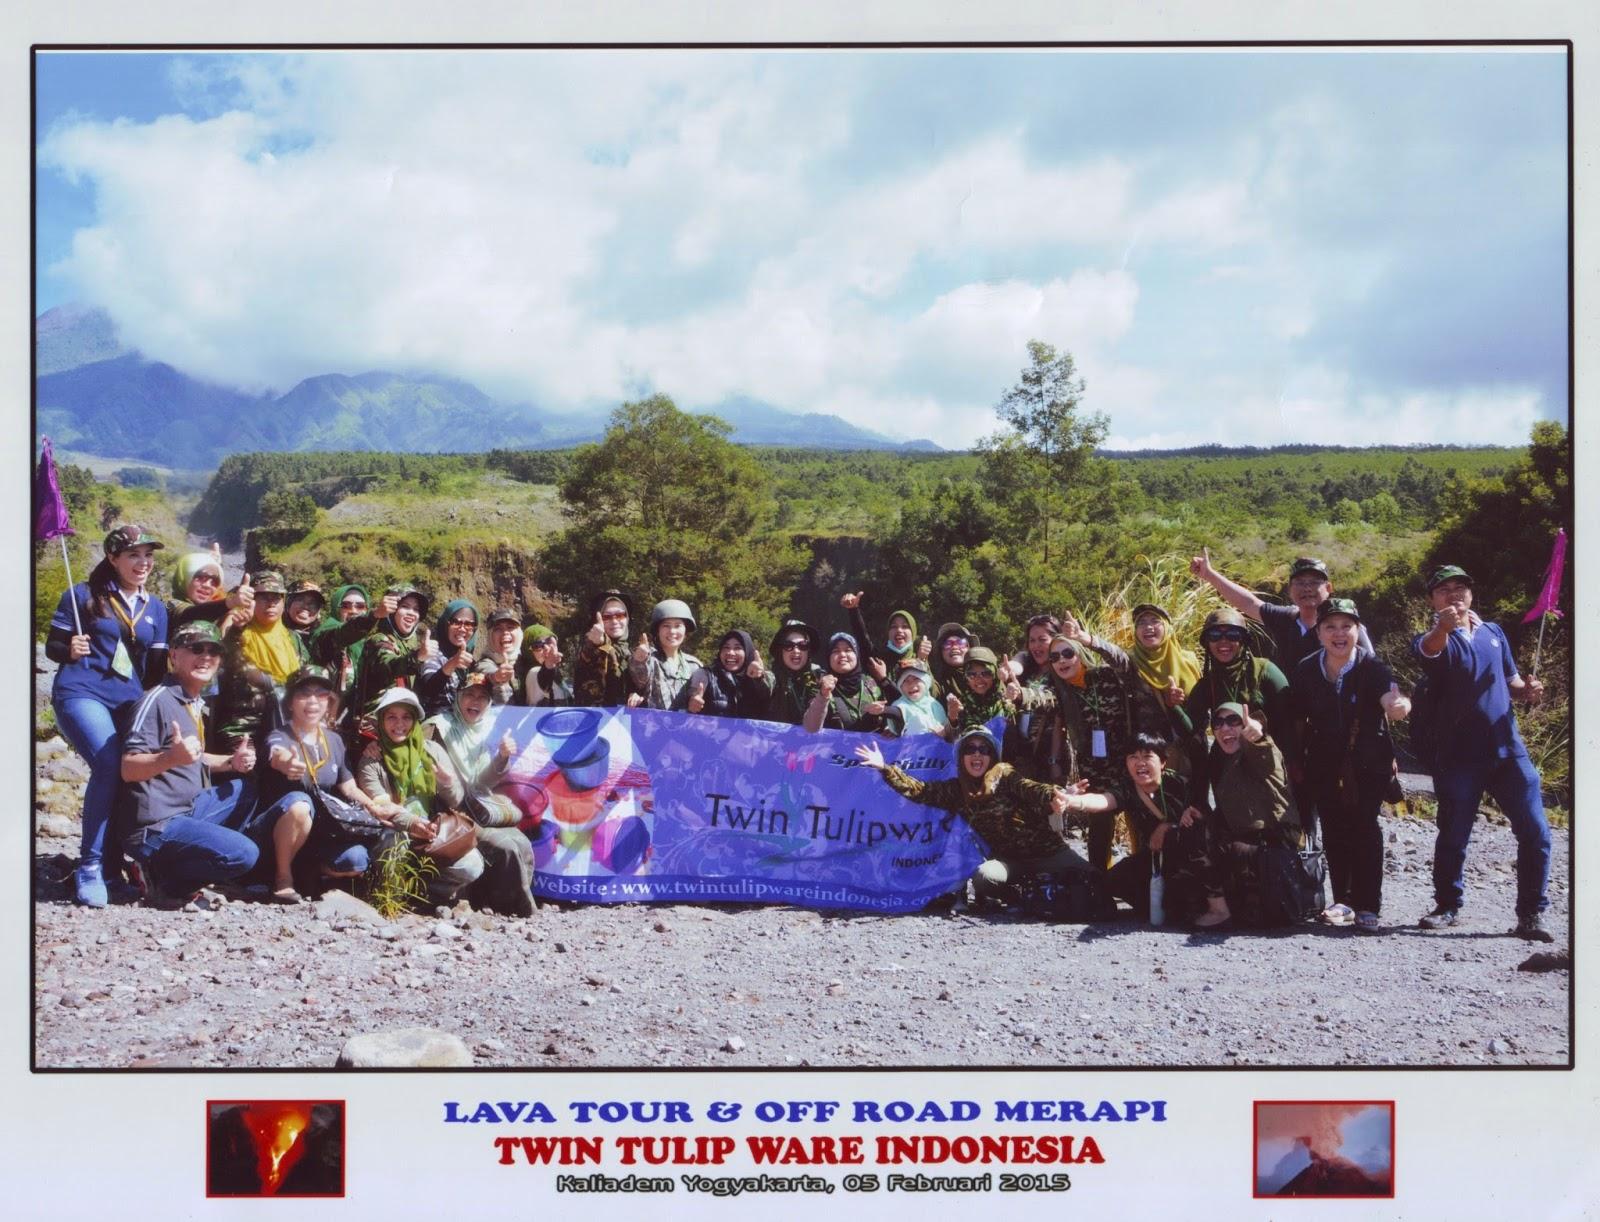 Tour Twin Tulipware 2015 di Lava Merapi